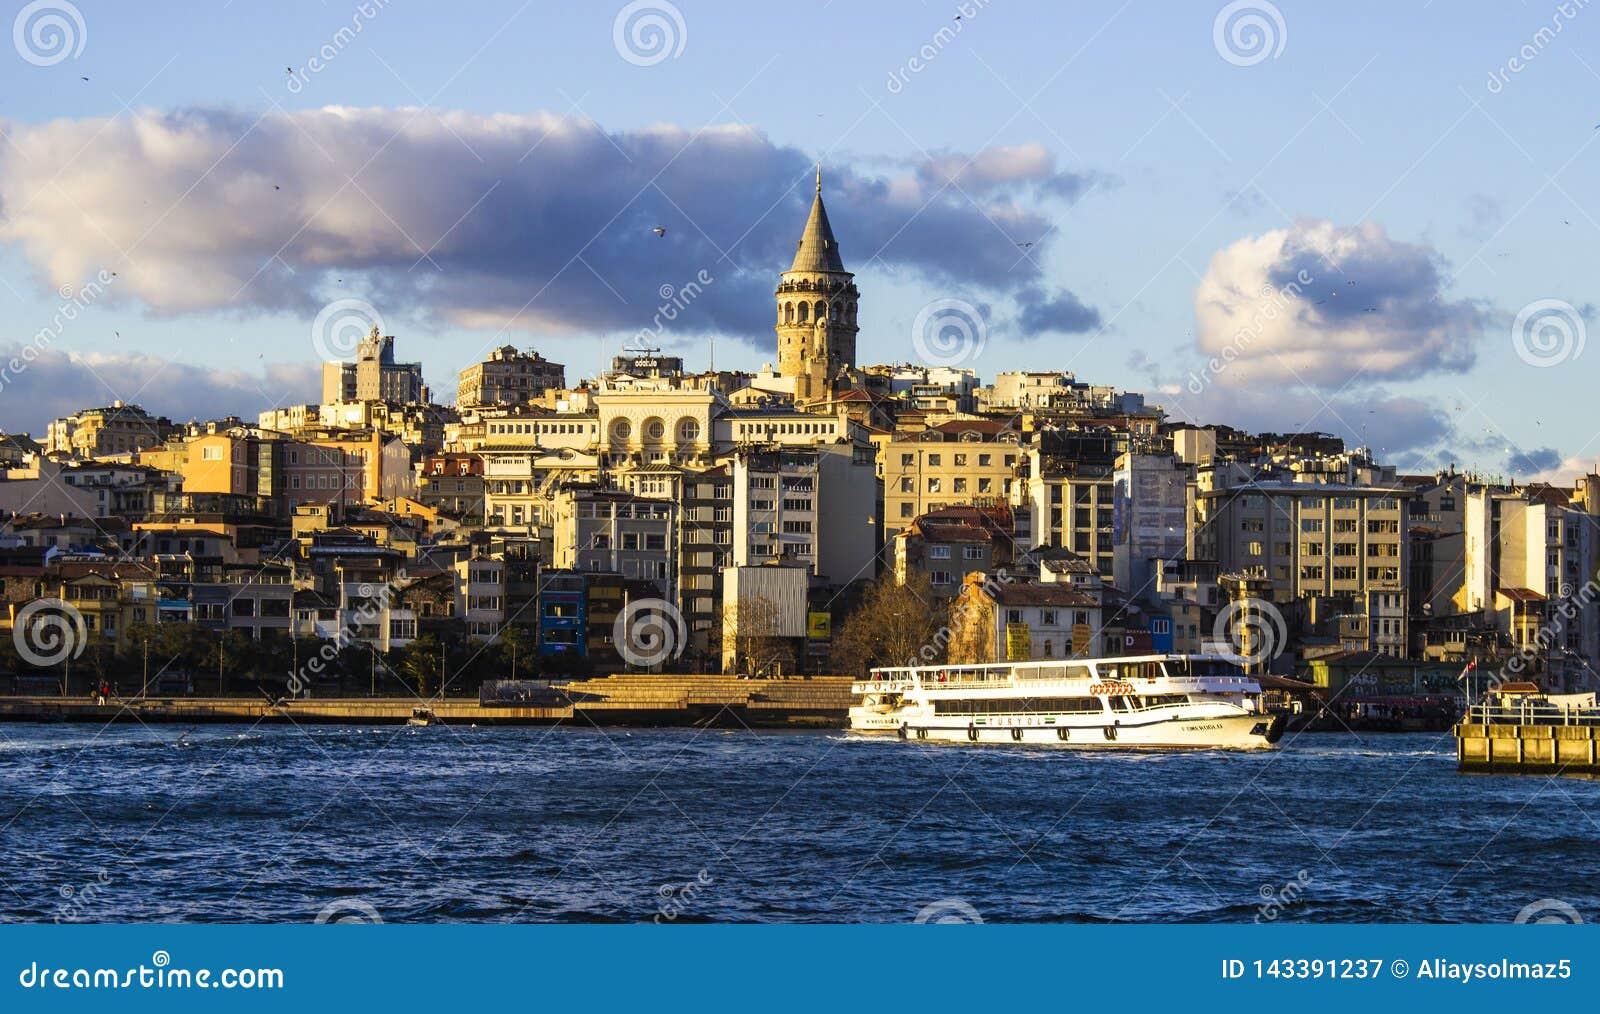 加拉塔石塔、伊斯坦布尔土耳其2019年3月,天空蔚蓝和云彩,都市风景,春天